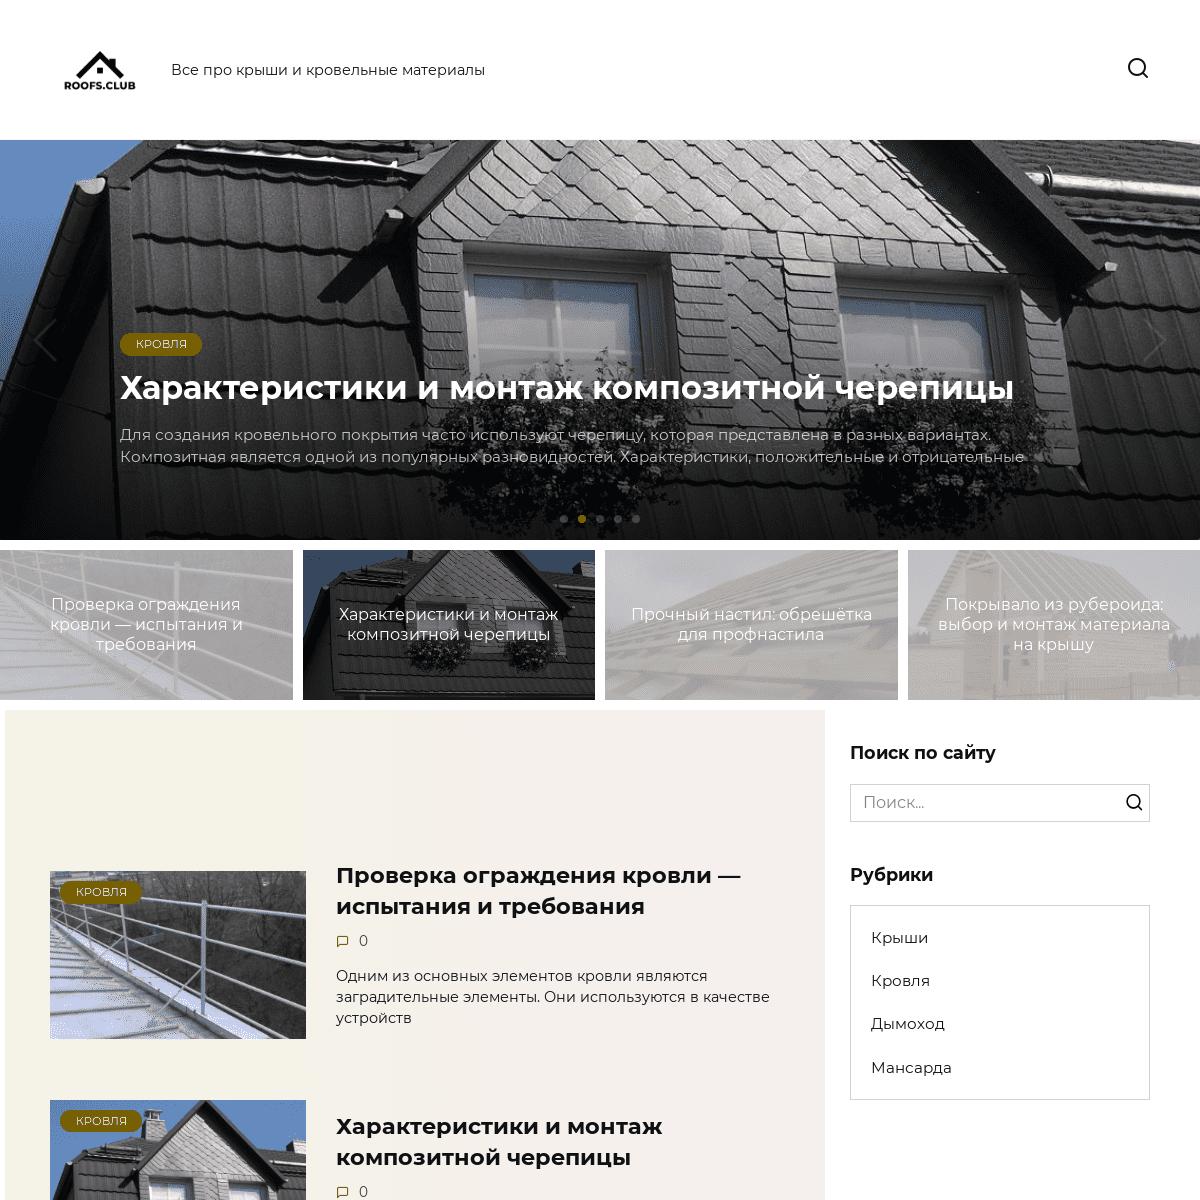 Roofs.club - Все про крыши и кровельные материалы